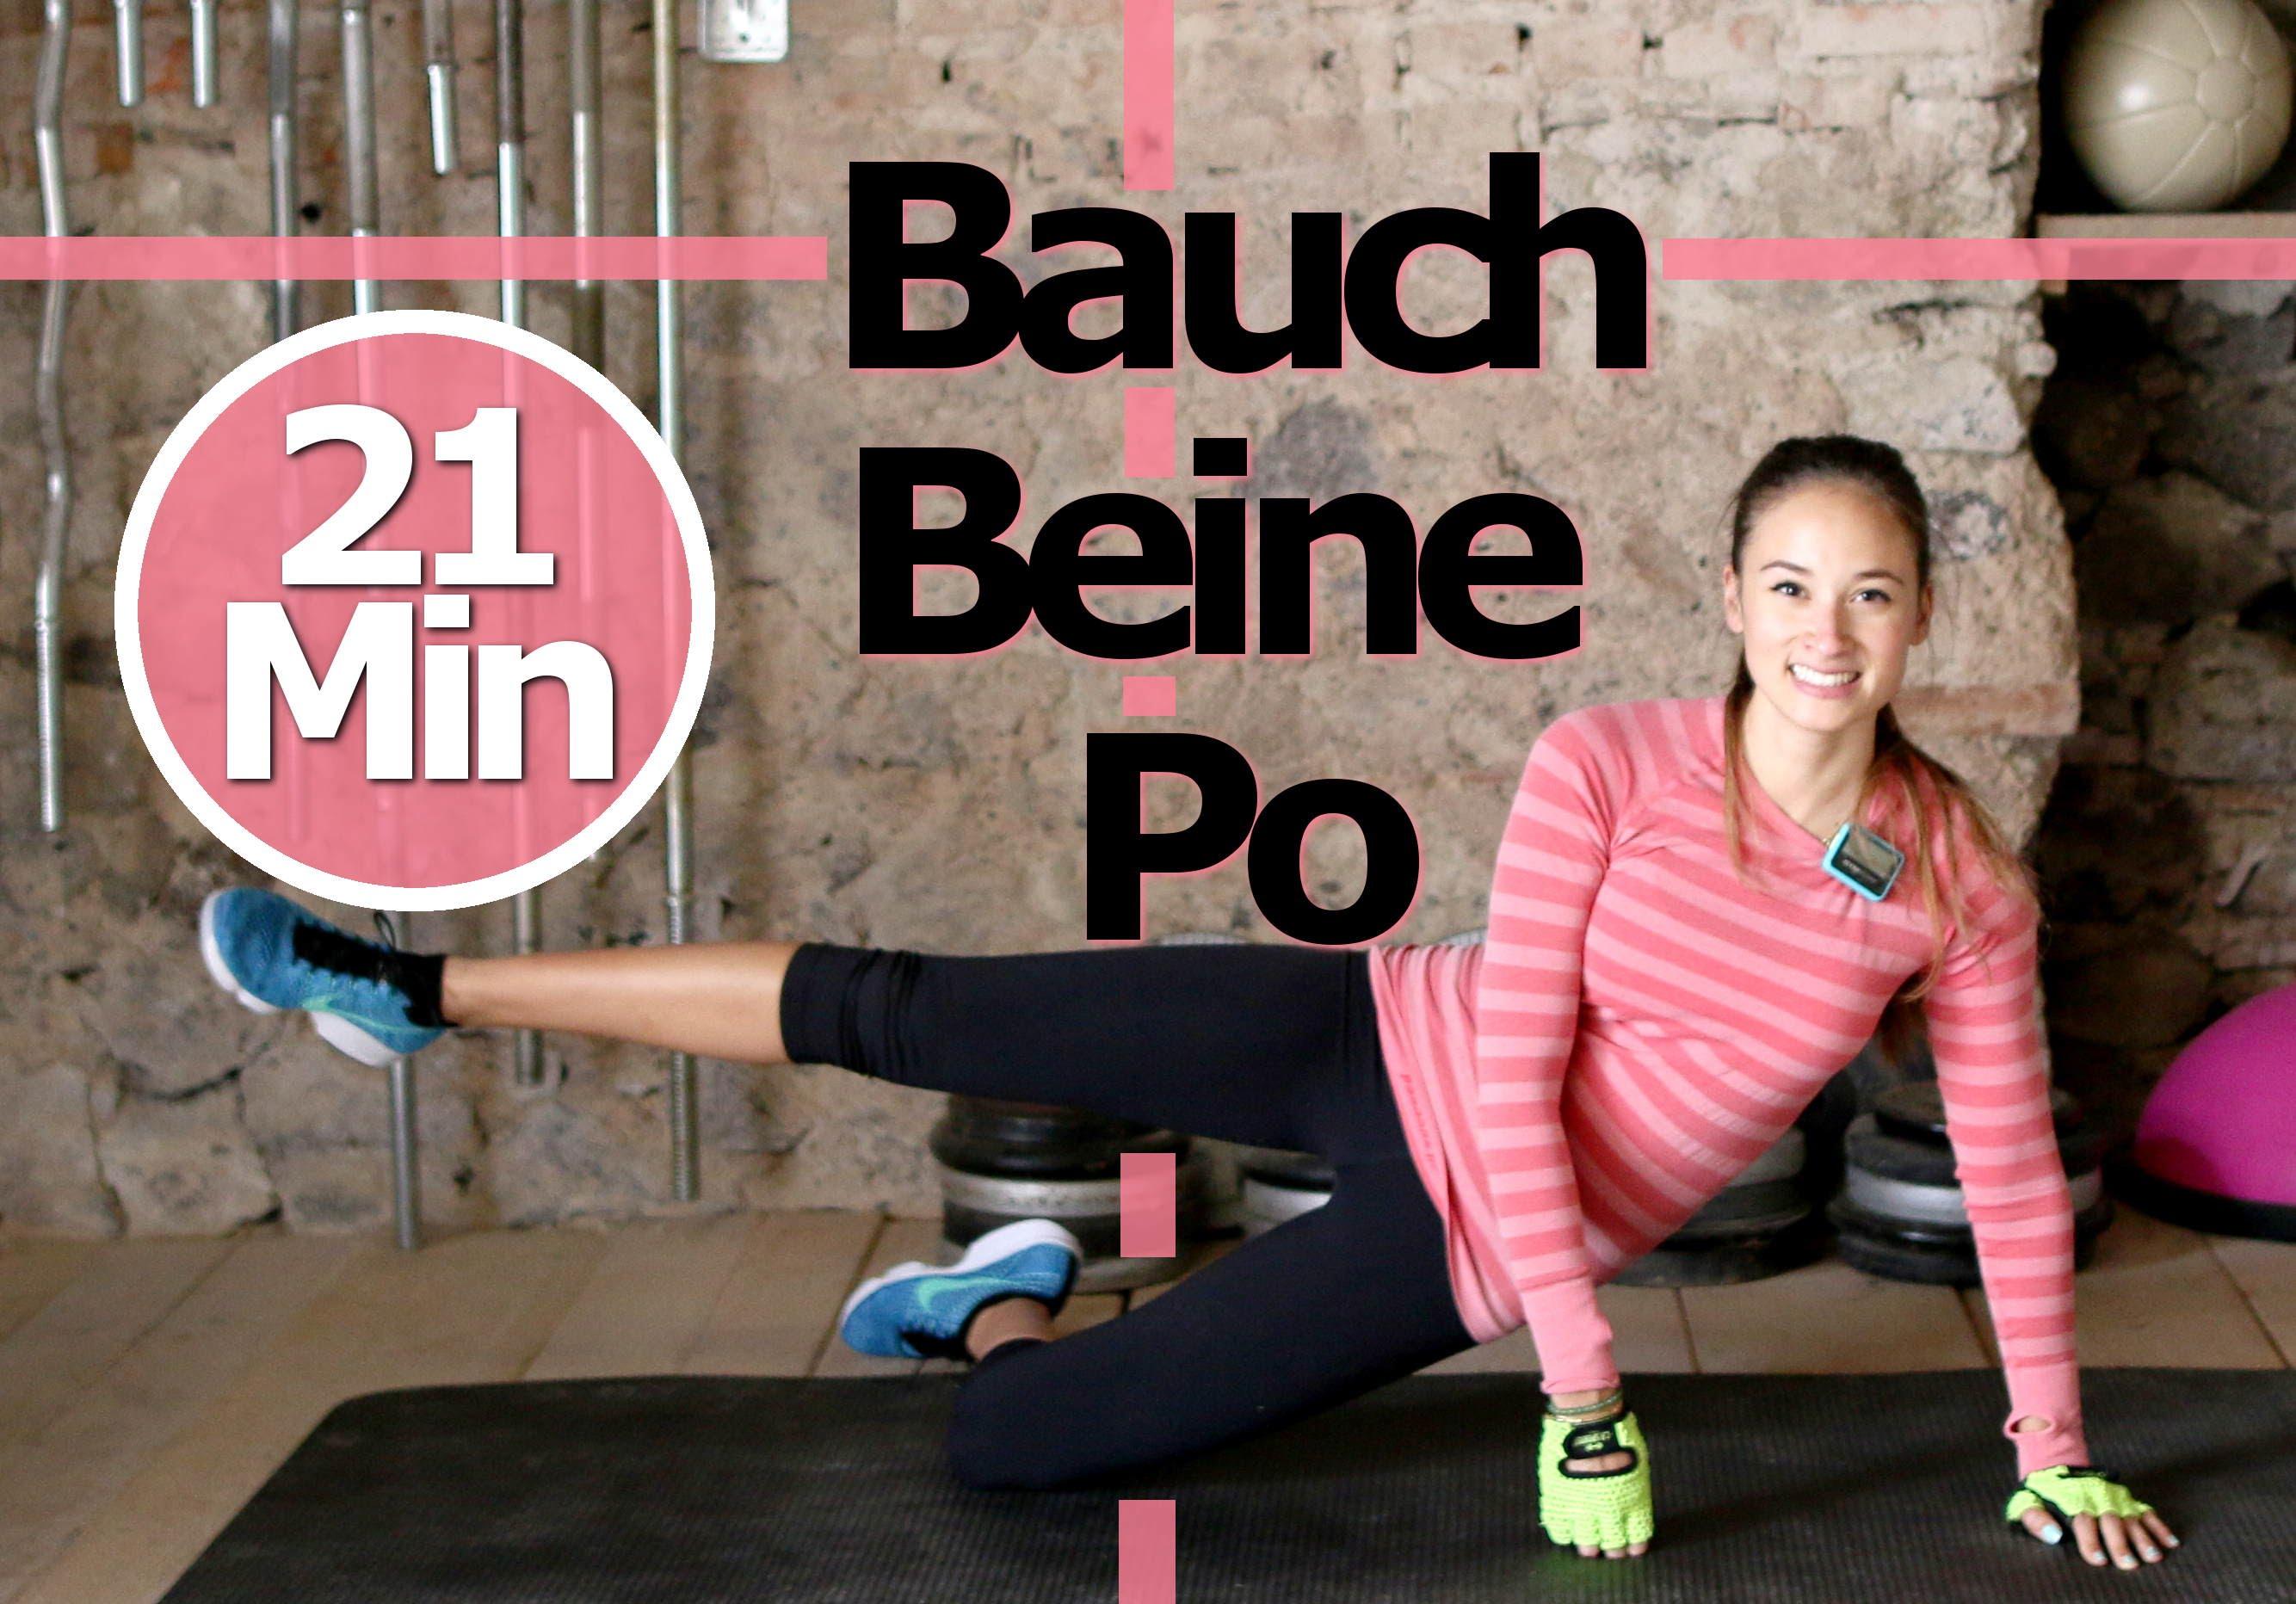 Bauch Beine Po Übungen für zuhause